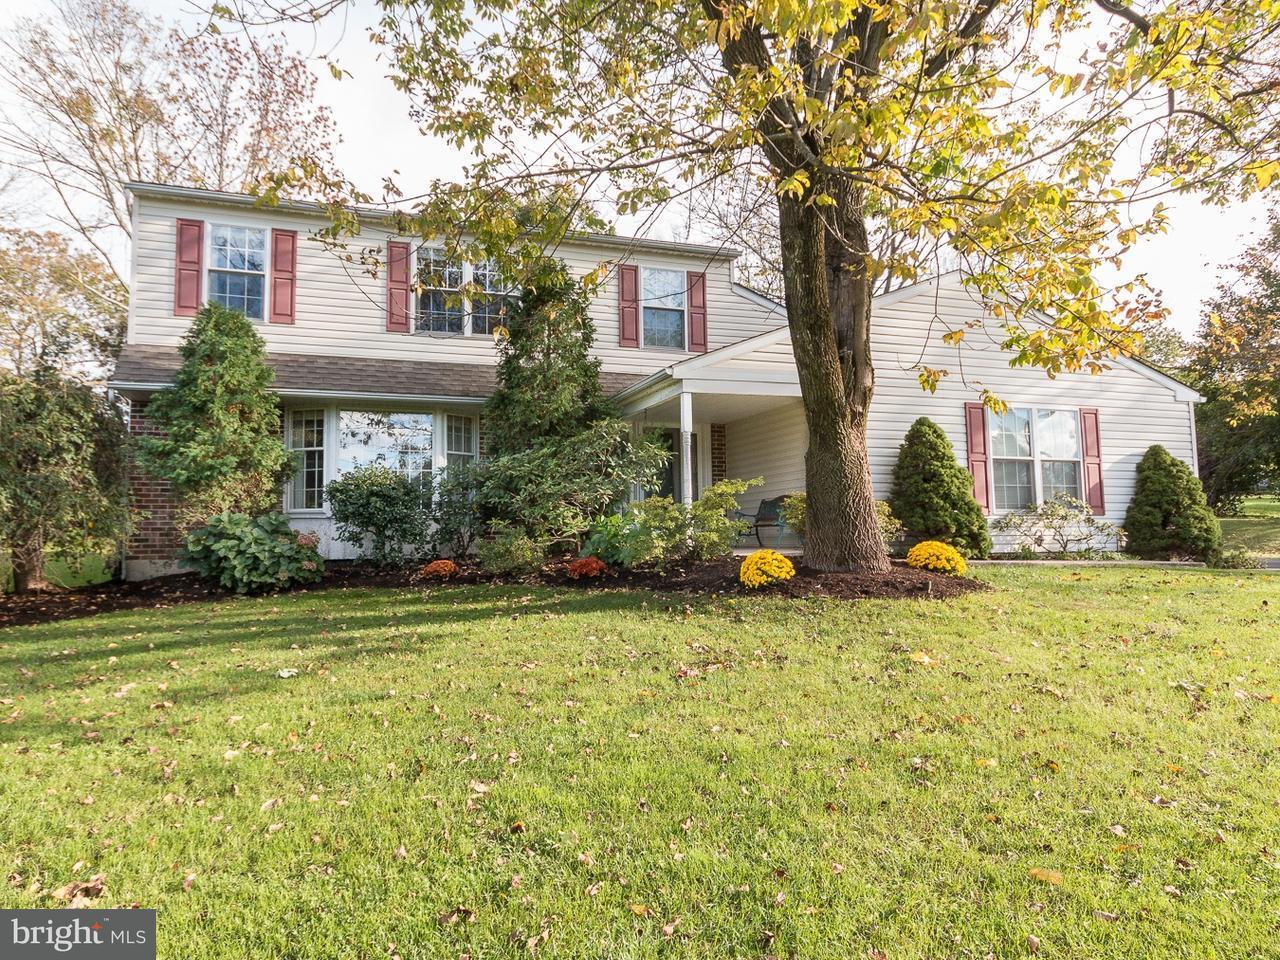 Maison unifamiliale pour l Vente à 318 E MOUNT KIRK Avenue Norristown, Pennsylvanie 19403 États-Unis